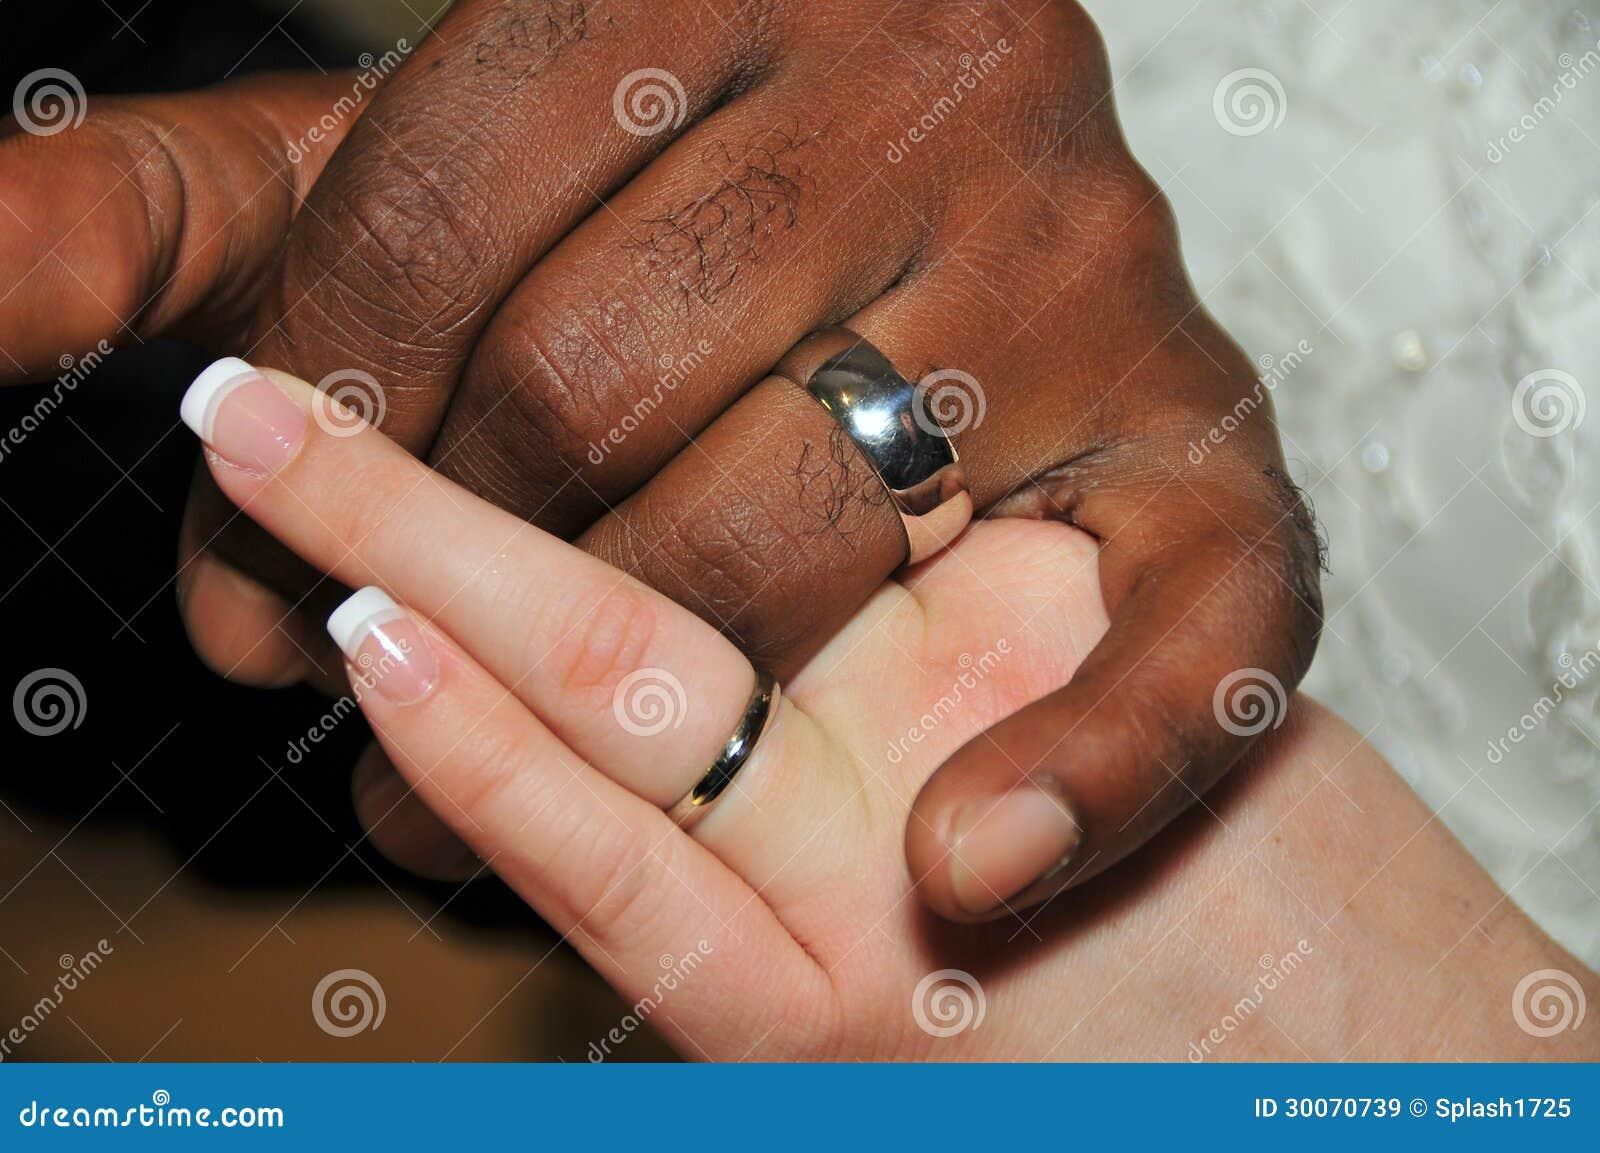 Design Your Wedding Ring Photos